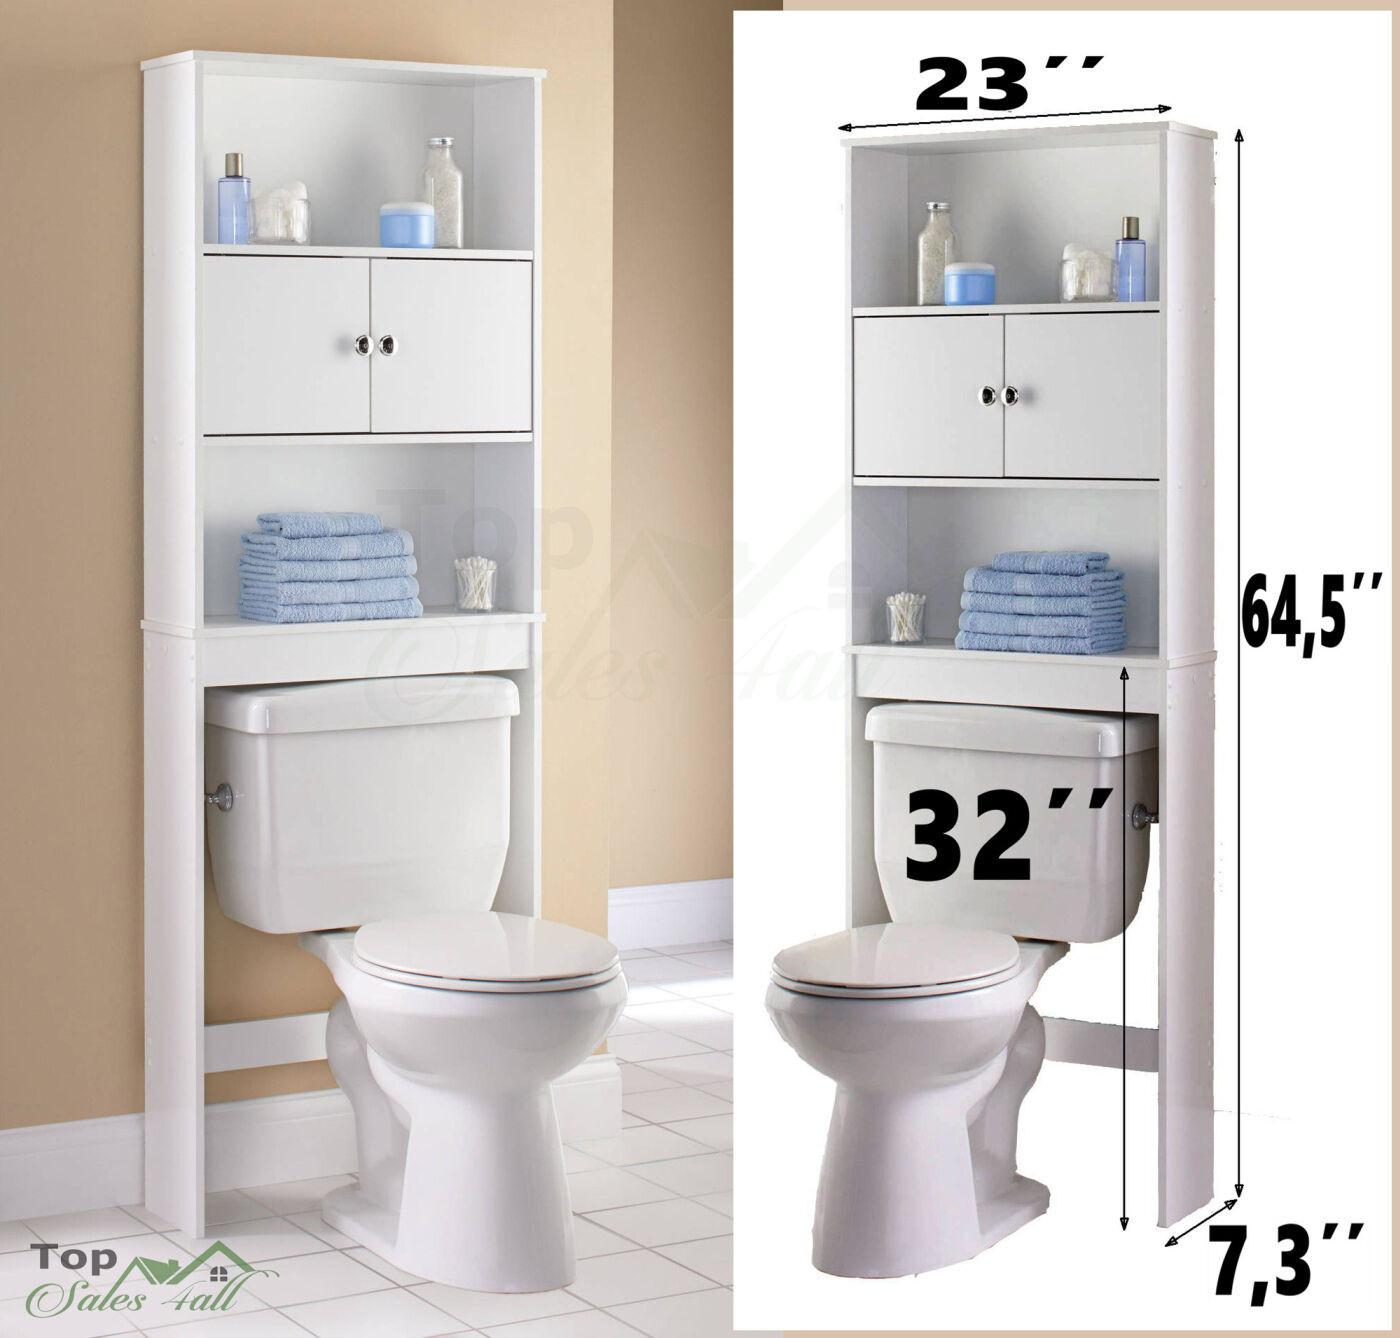 Best ideas about Bathroom Cabinet Storage . Save or Pin Bathroom Storage Cabinet Tall Linen Towel Organizer Wood Now.